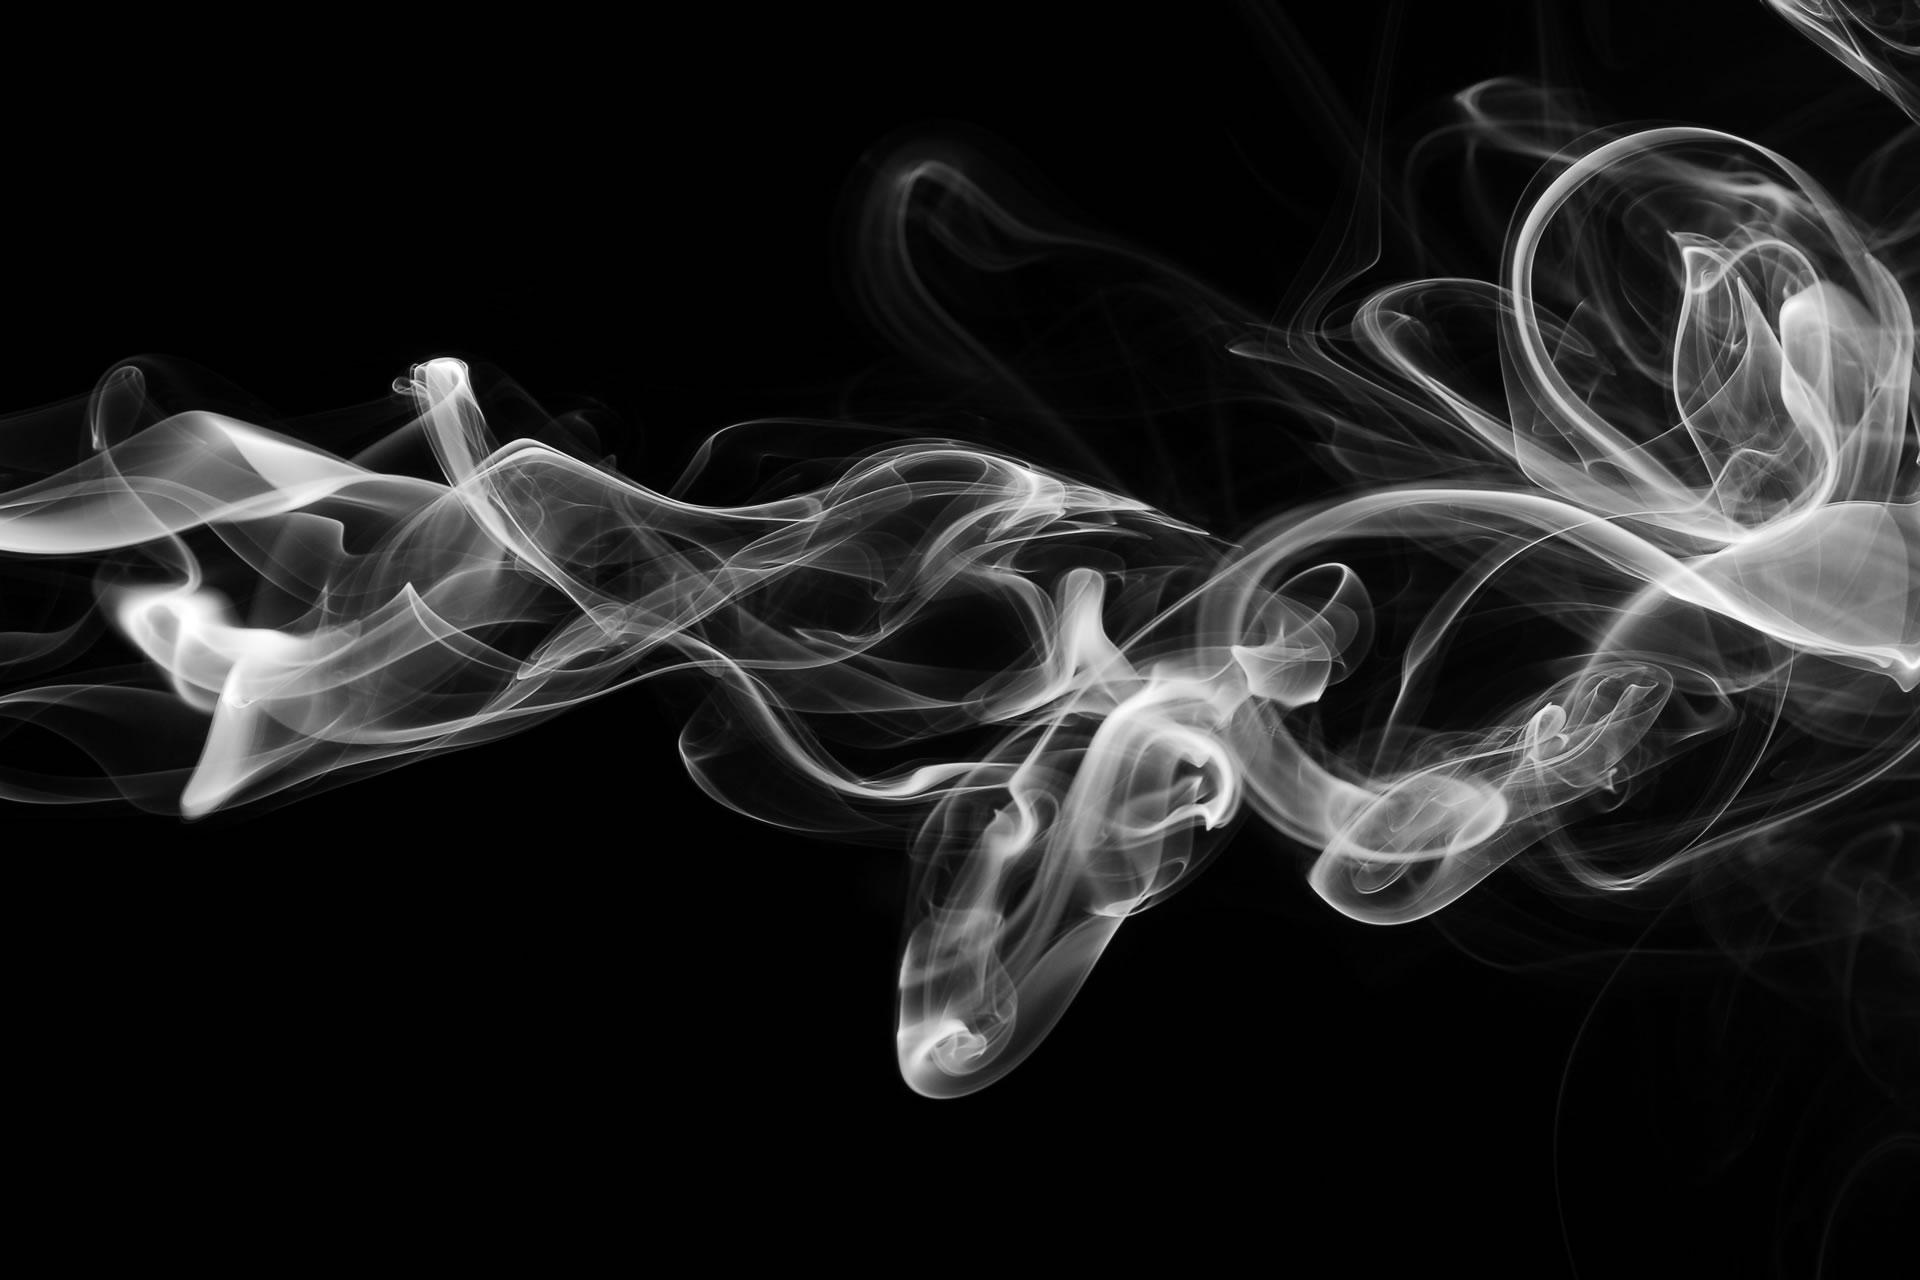 Одной сигареты в день достаточно для формирования зависимости